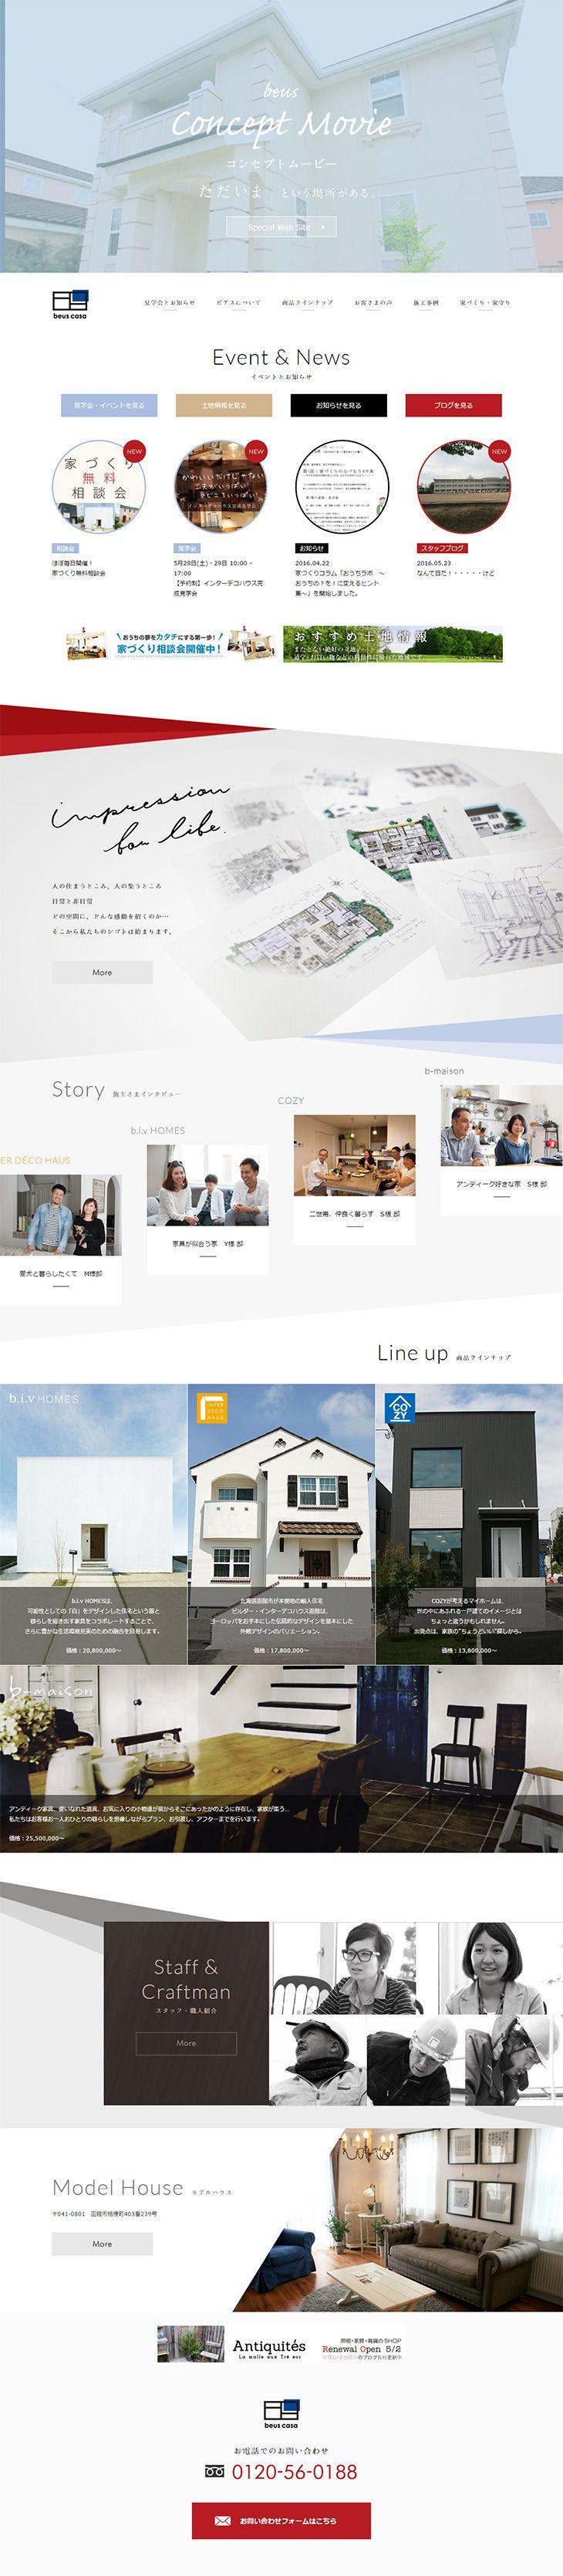 デザイナー・設計士と建てる函館の注文住宅【不動産関連】のLPデザイン。WEBデザイナーさん必見!ランディングページのデザイン参考に(シンプル系)                                                                                                                                                                                 もっと見る